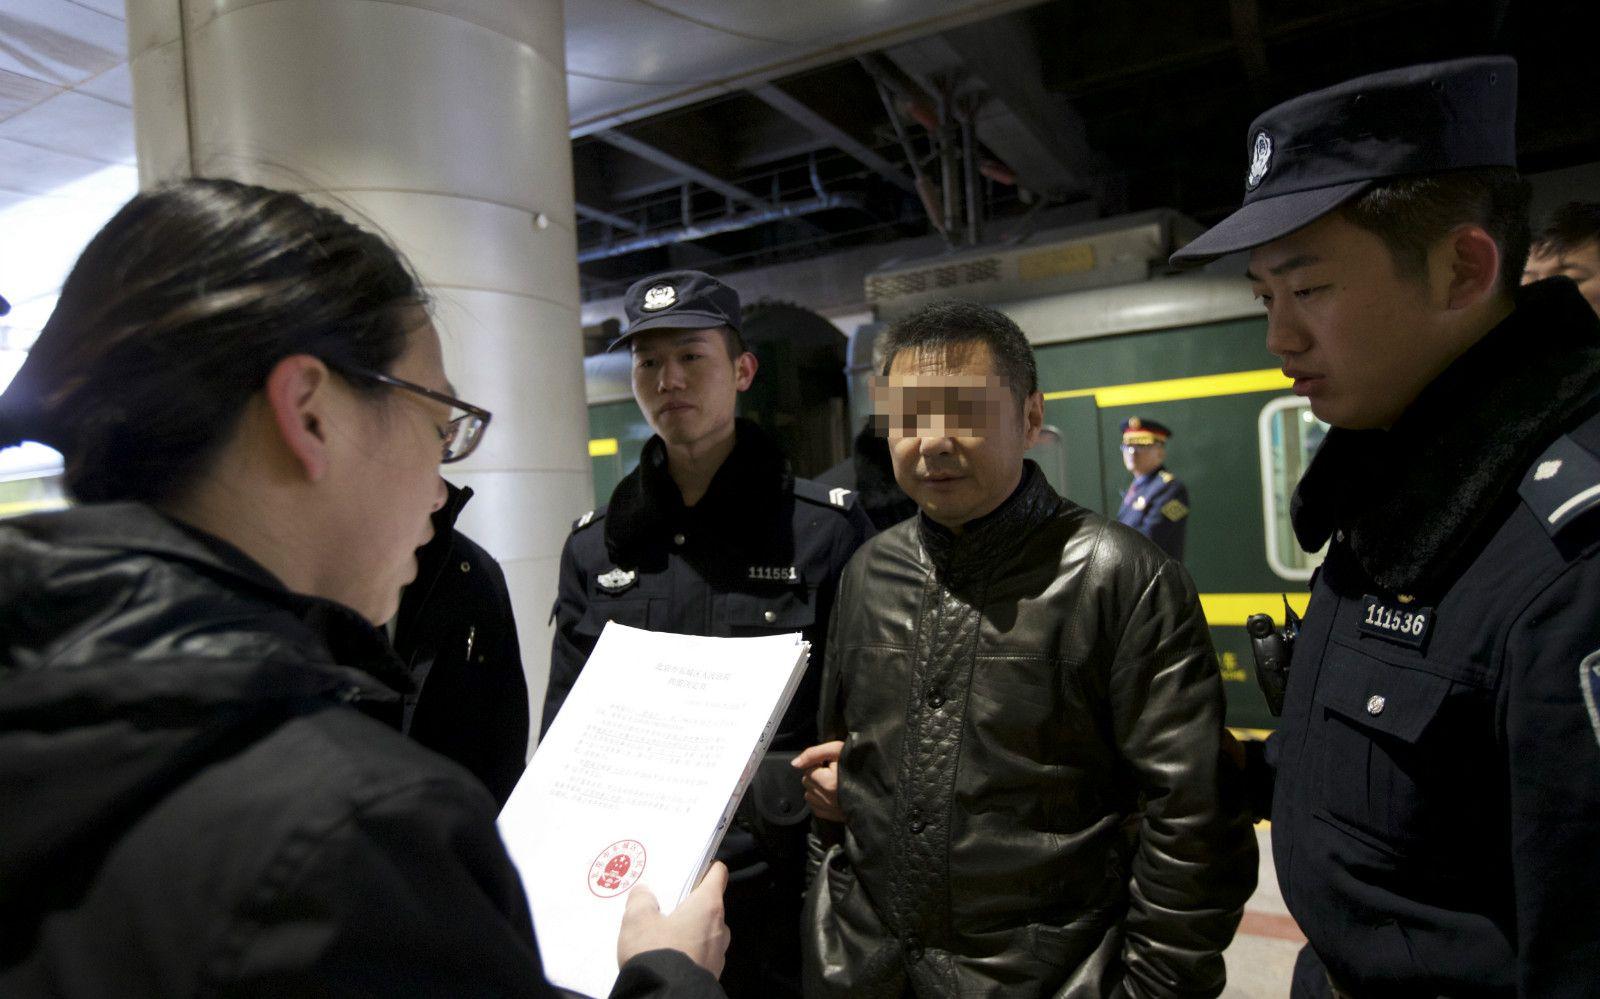 执行法官在火车站台向郭某宣读拘留决定书。法院供图